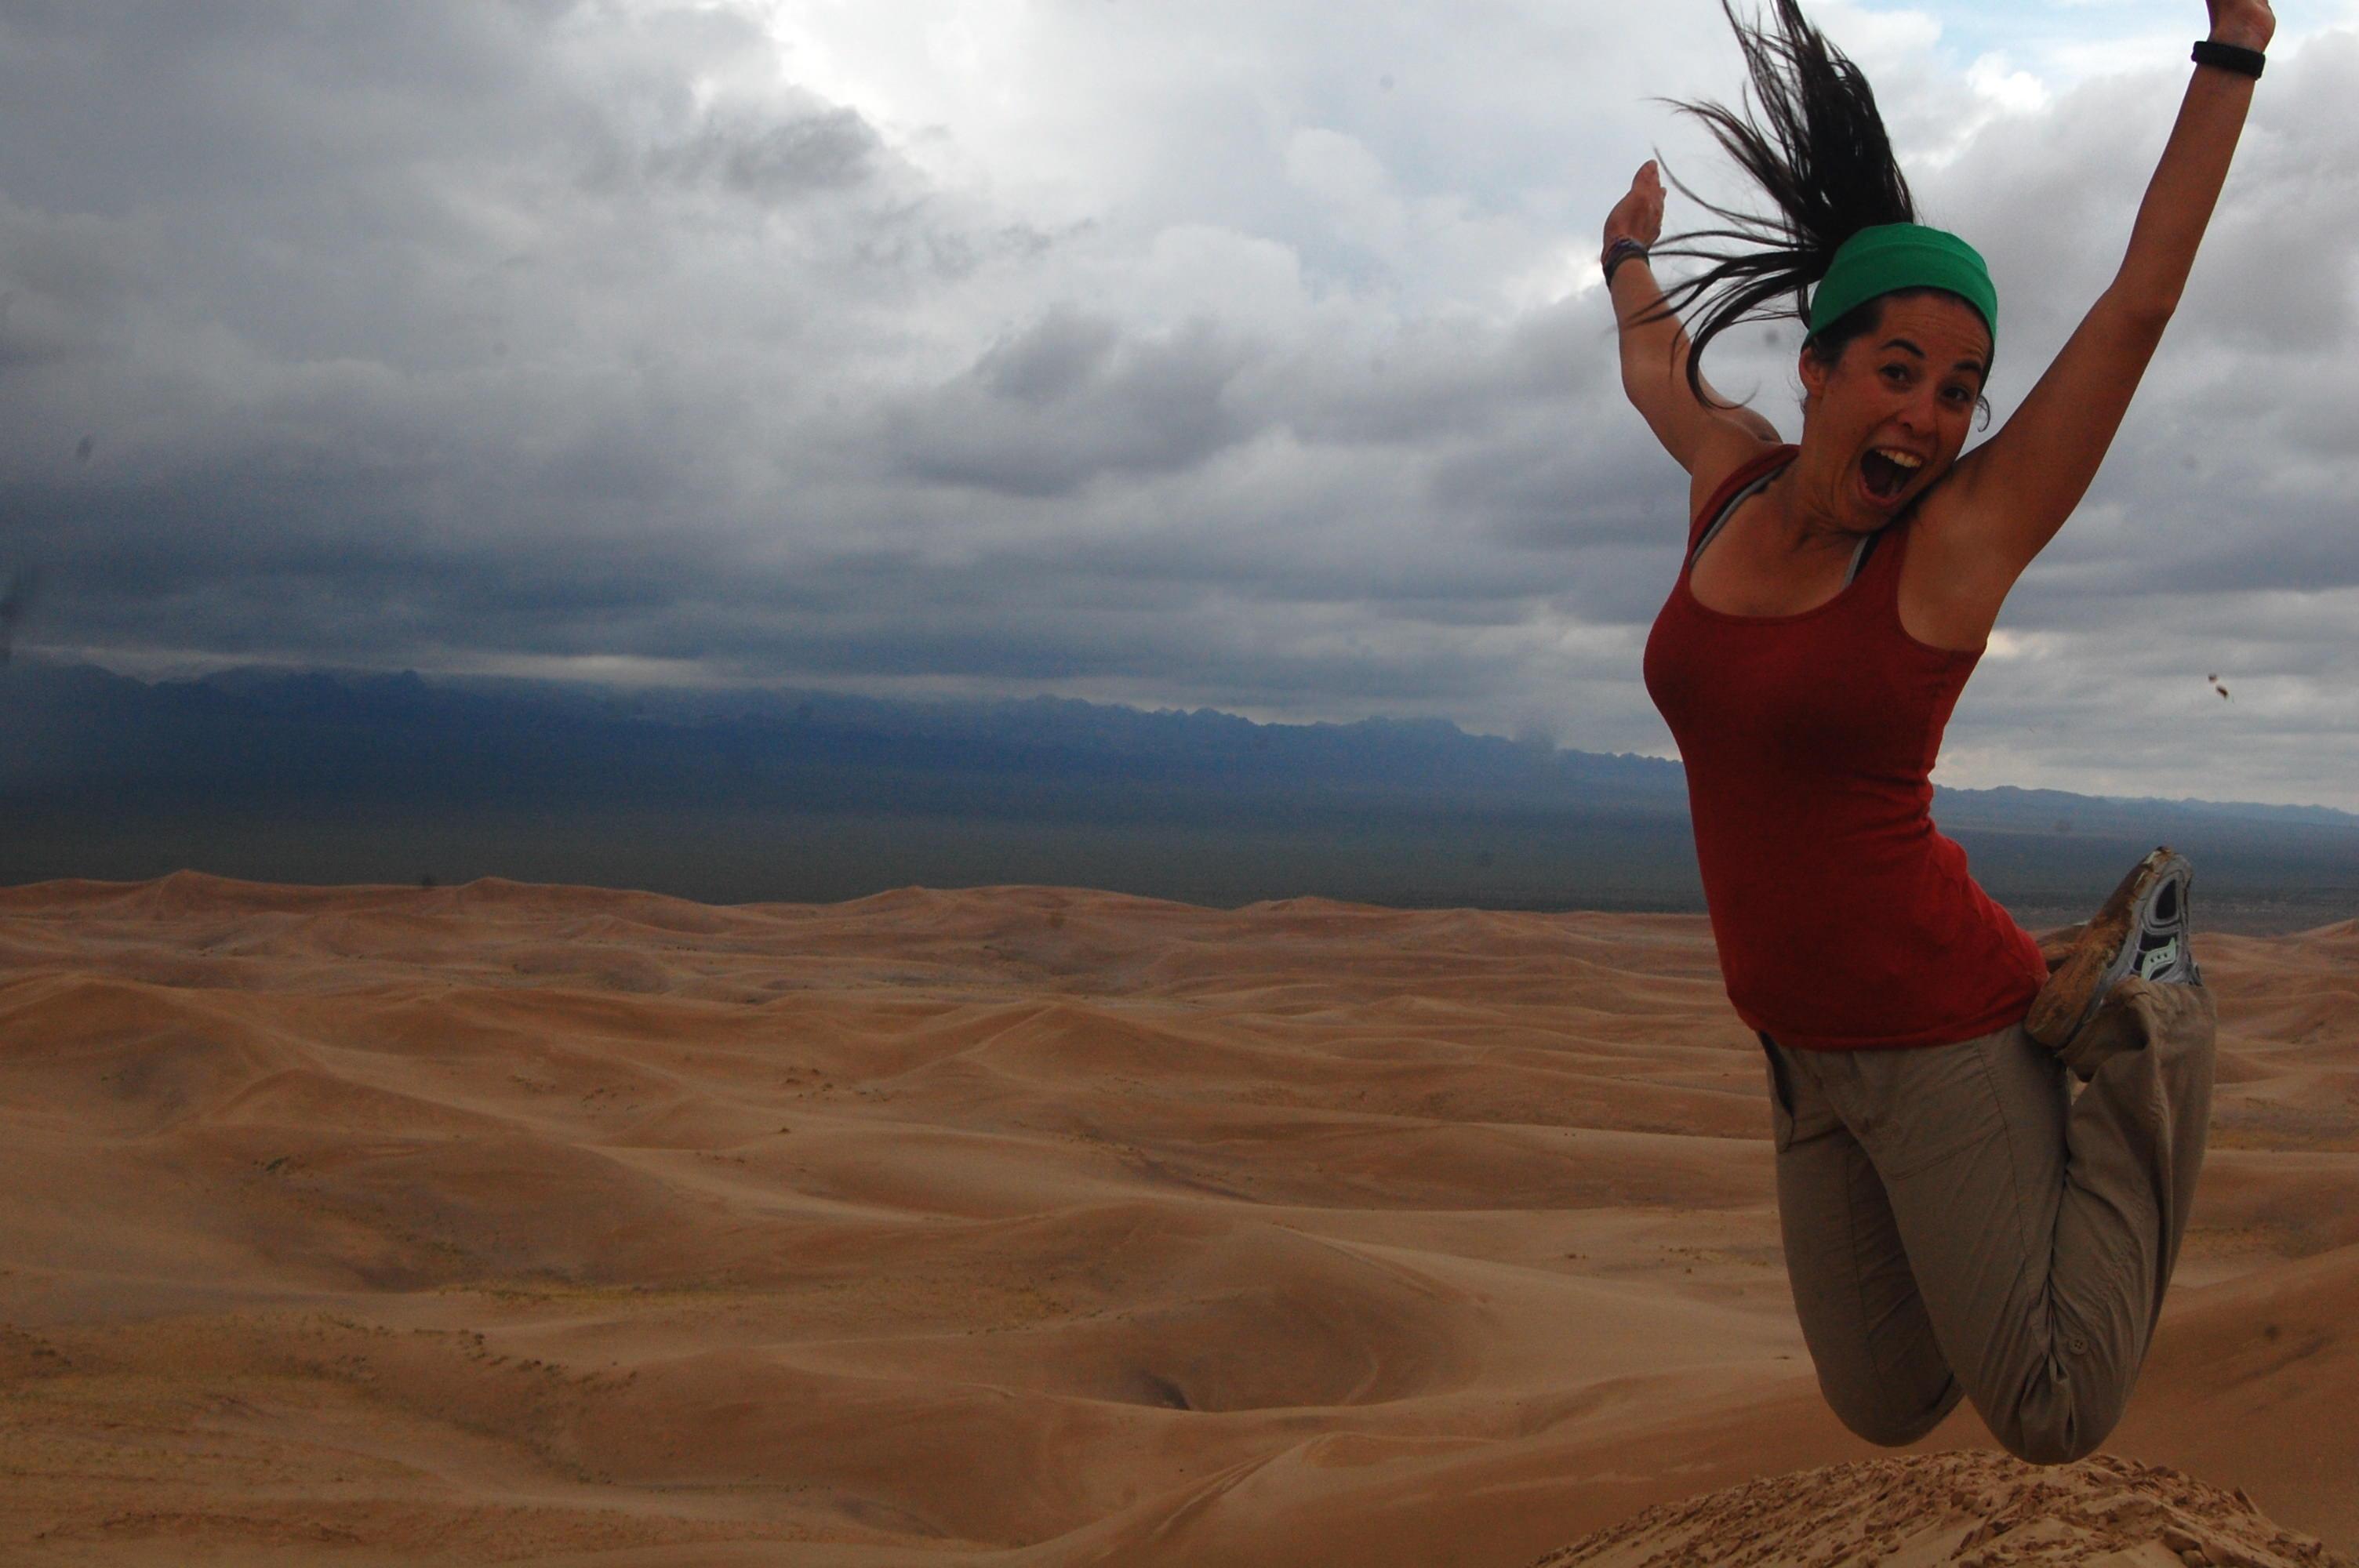 Jumping across the Gobi Desert, Mongolia